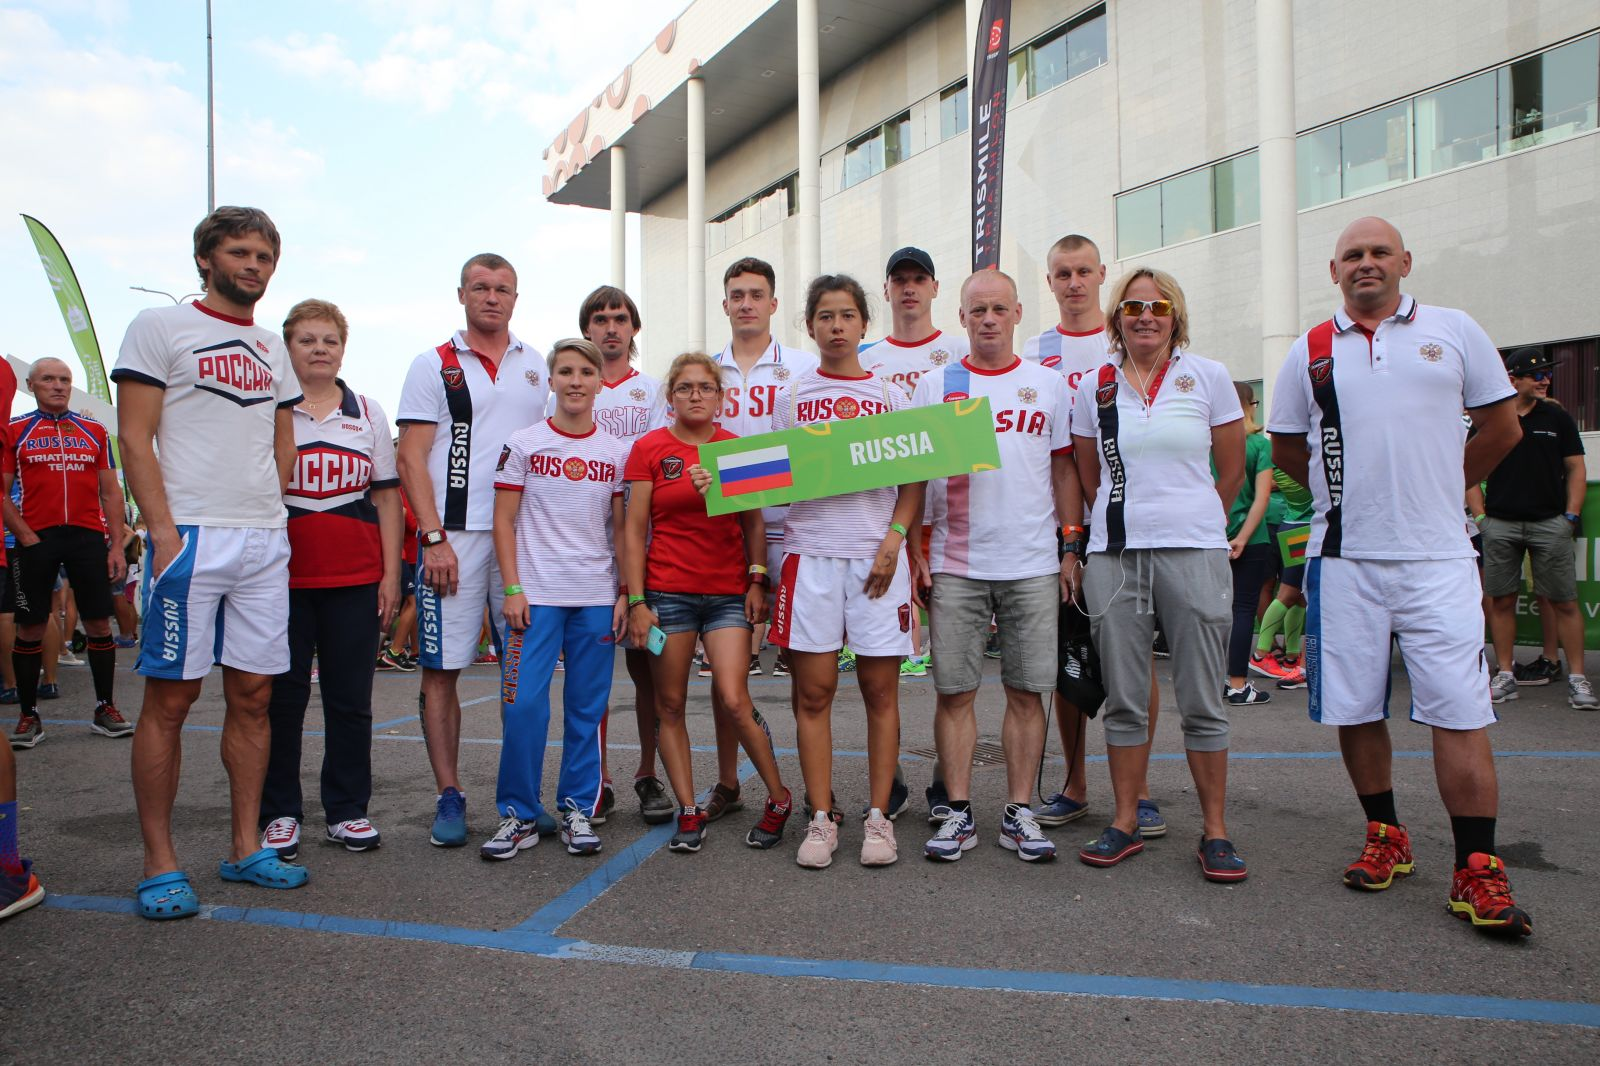 Российские спортсмены завоевали 1 серебряную и 2 бронзовые медали на чемпионате Европы по паратриатлону в Эстонии